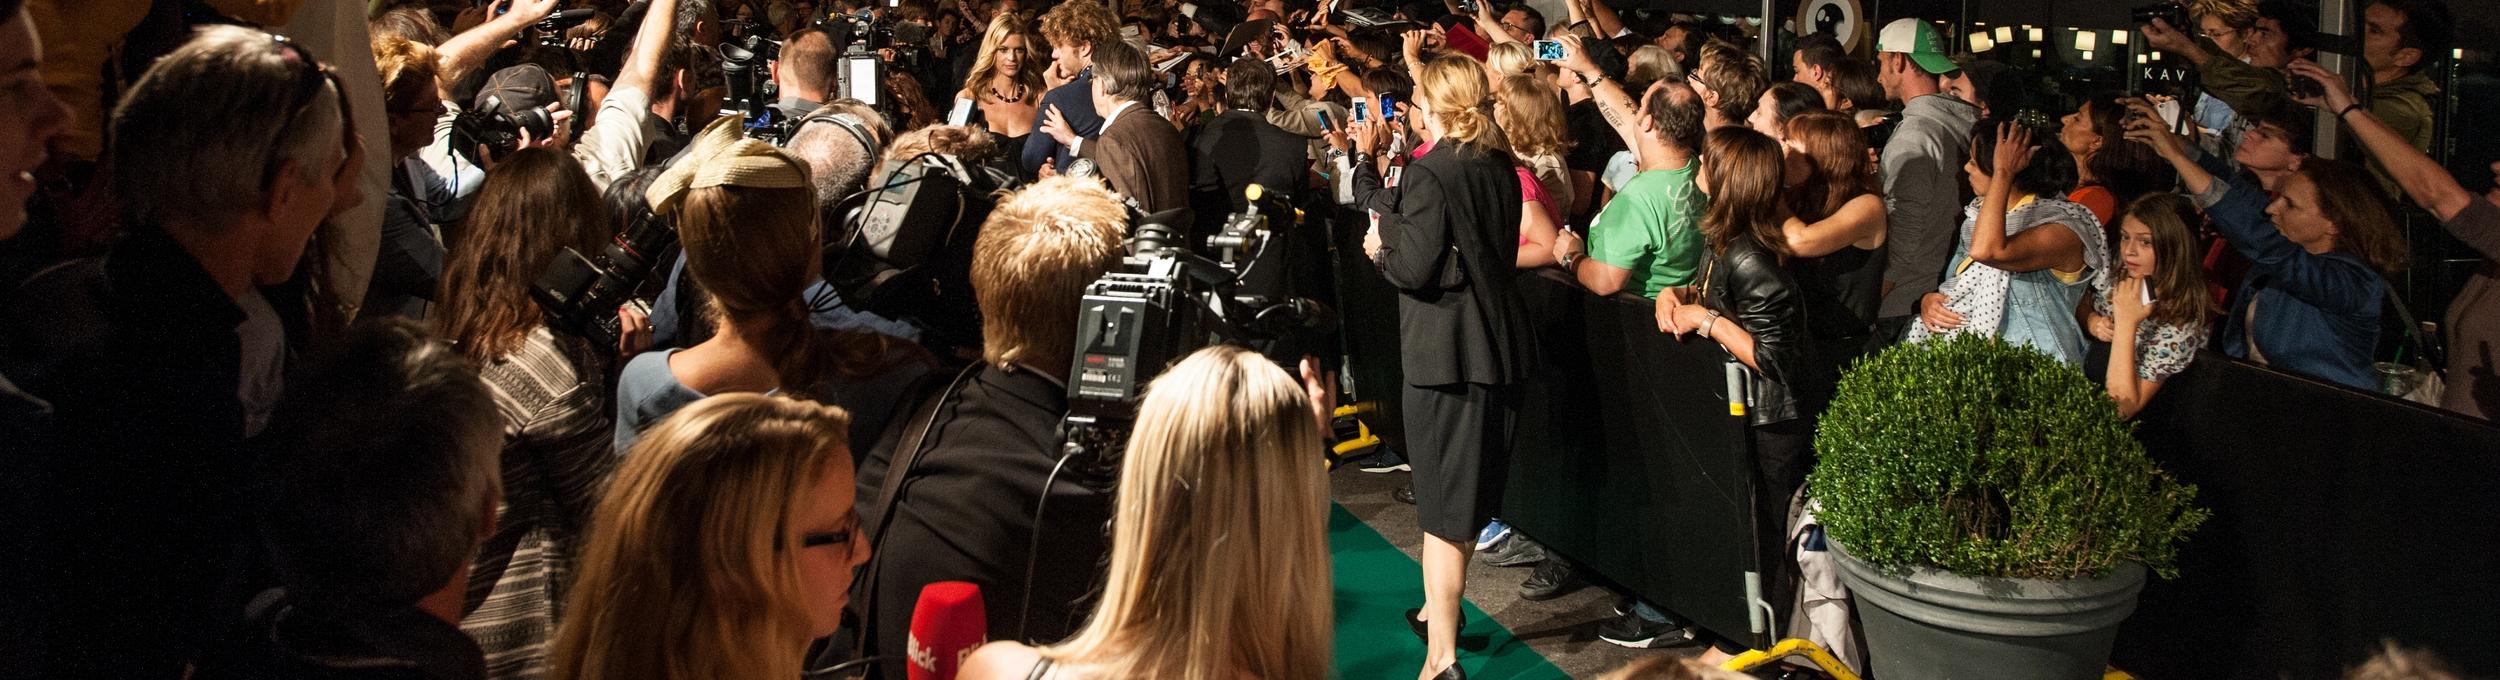 20120923ZurichFilmFestival1612.jpg